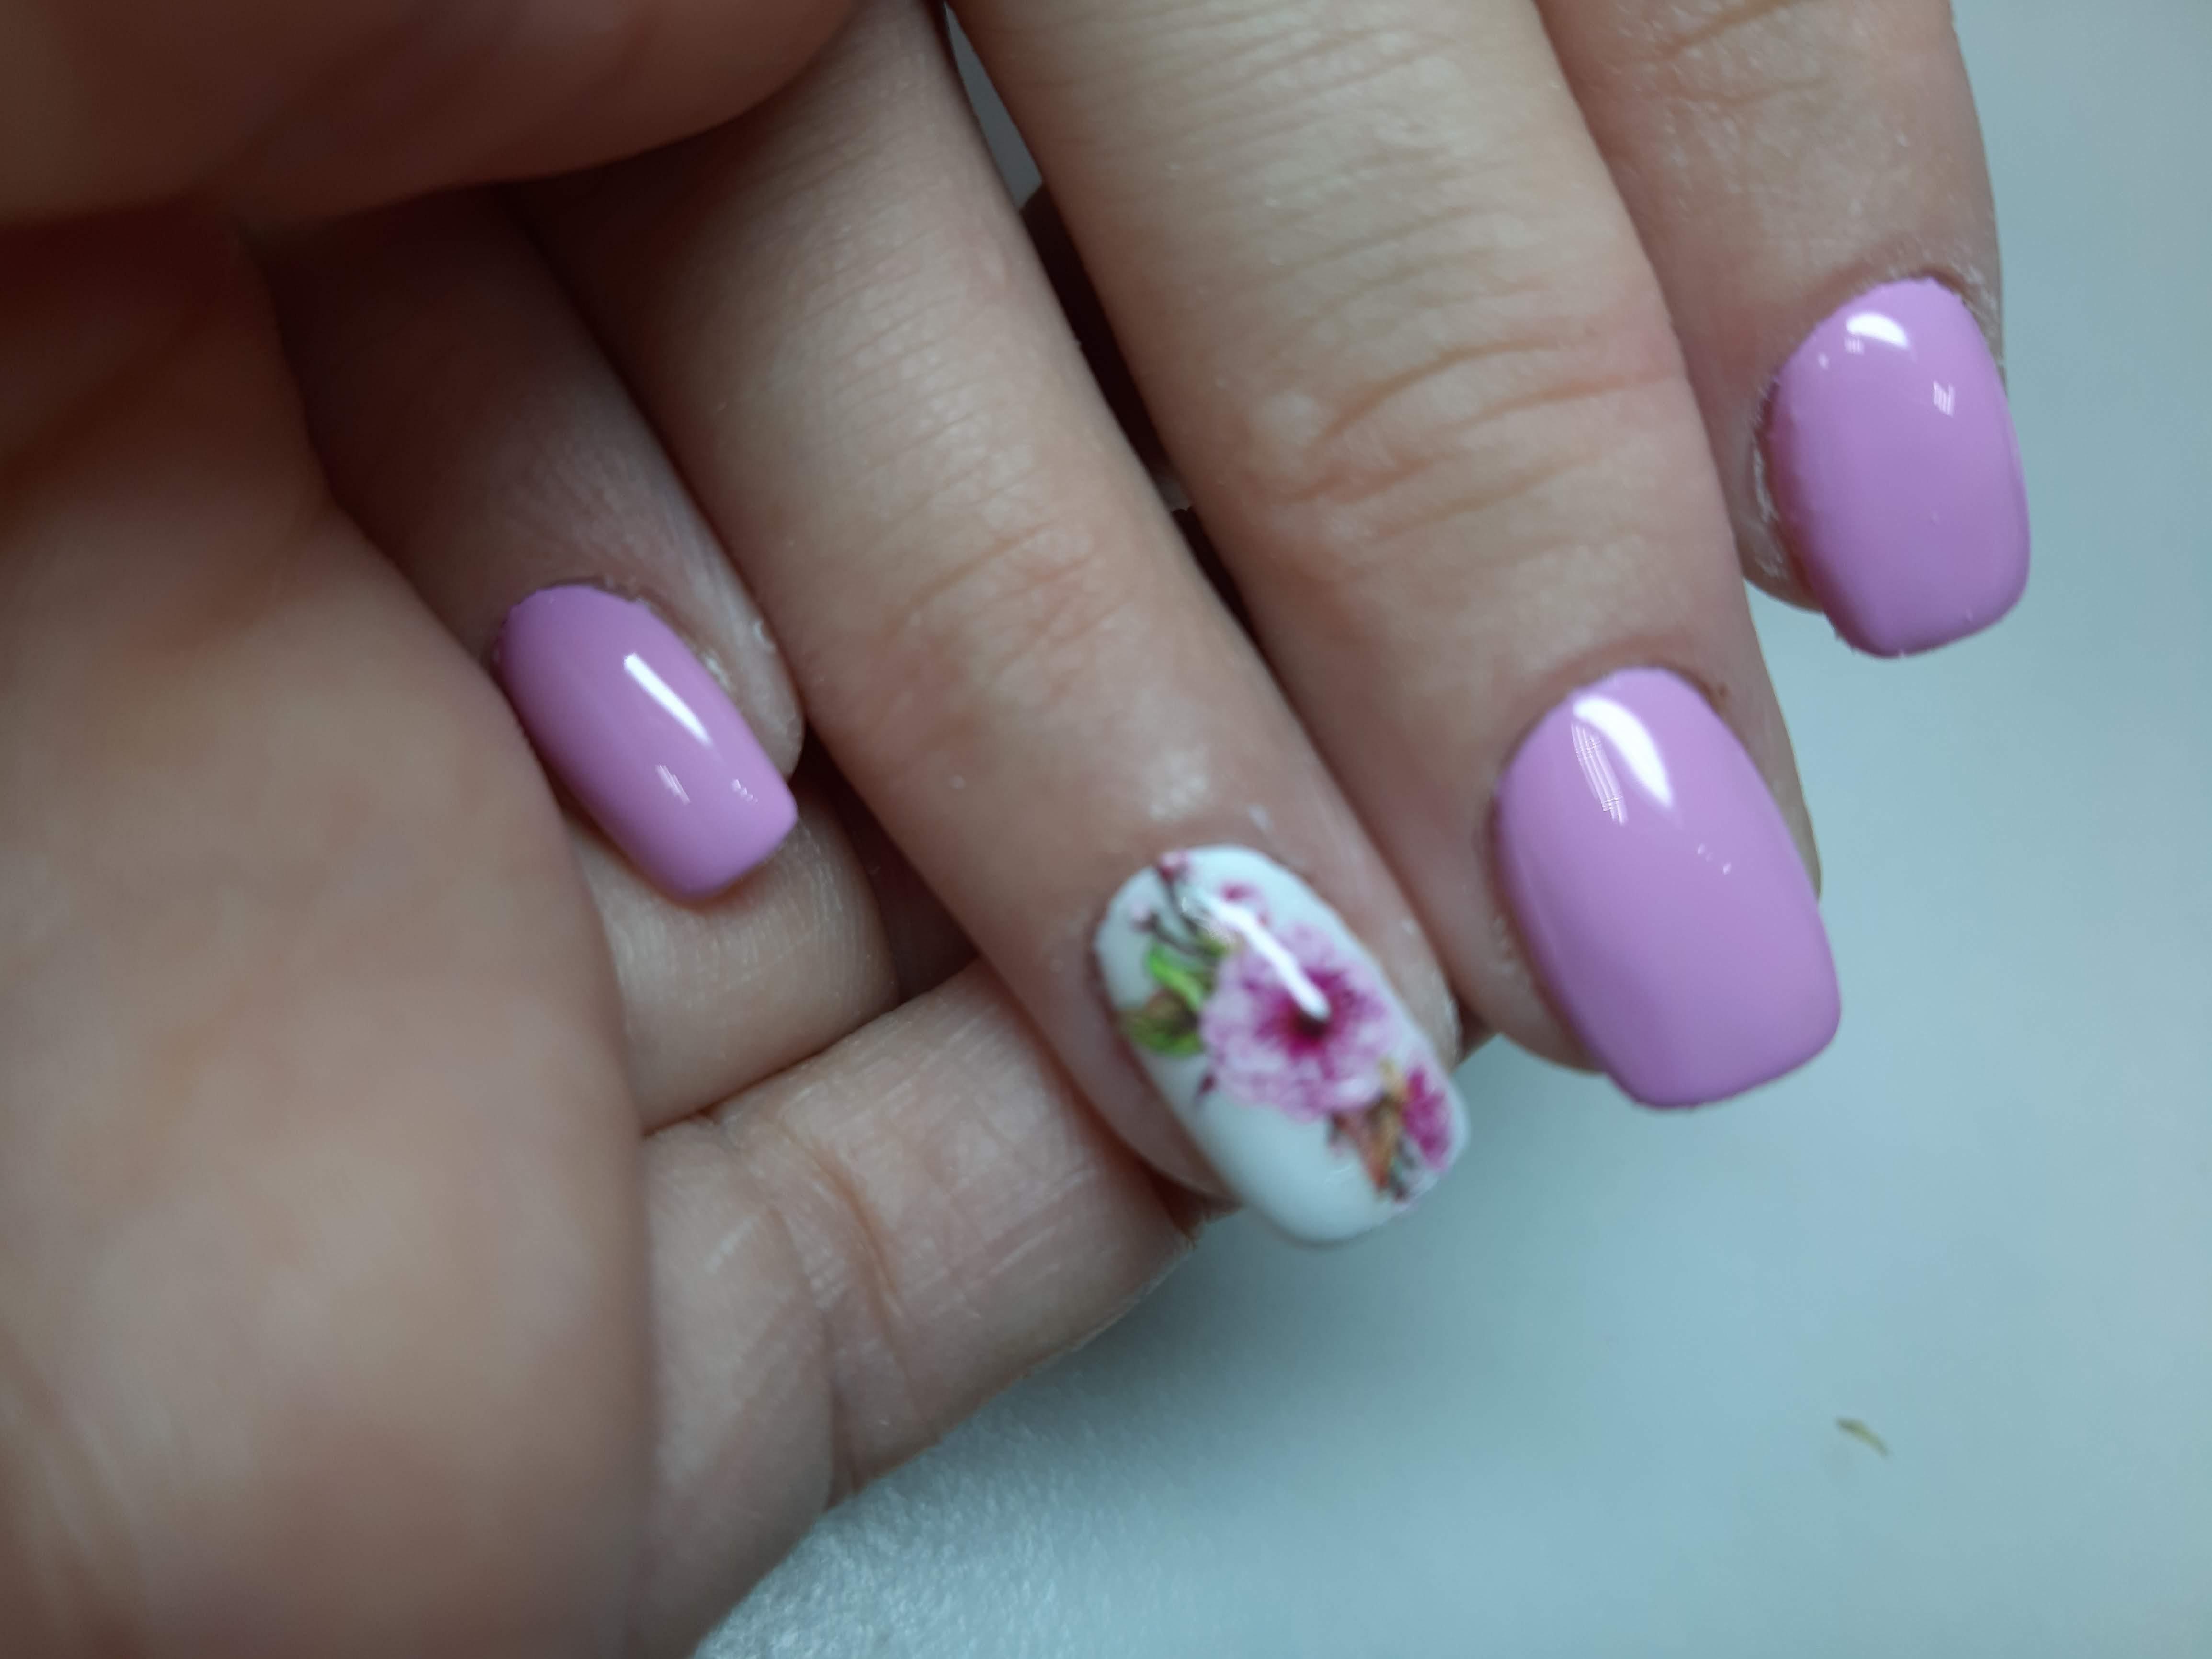 Маникюр с цветочным слайдером в сиреневом цвете.